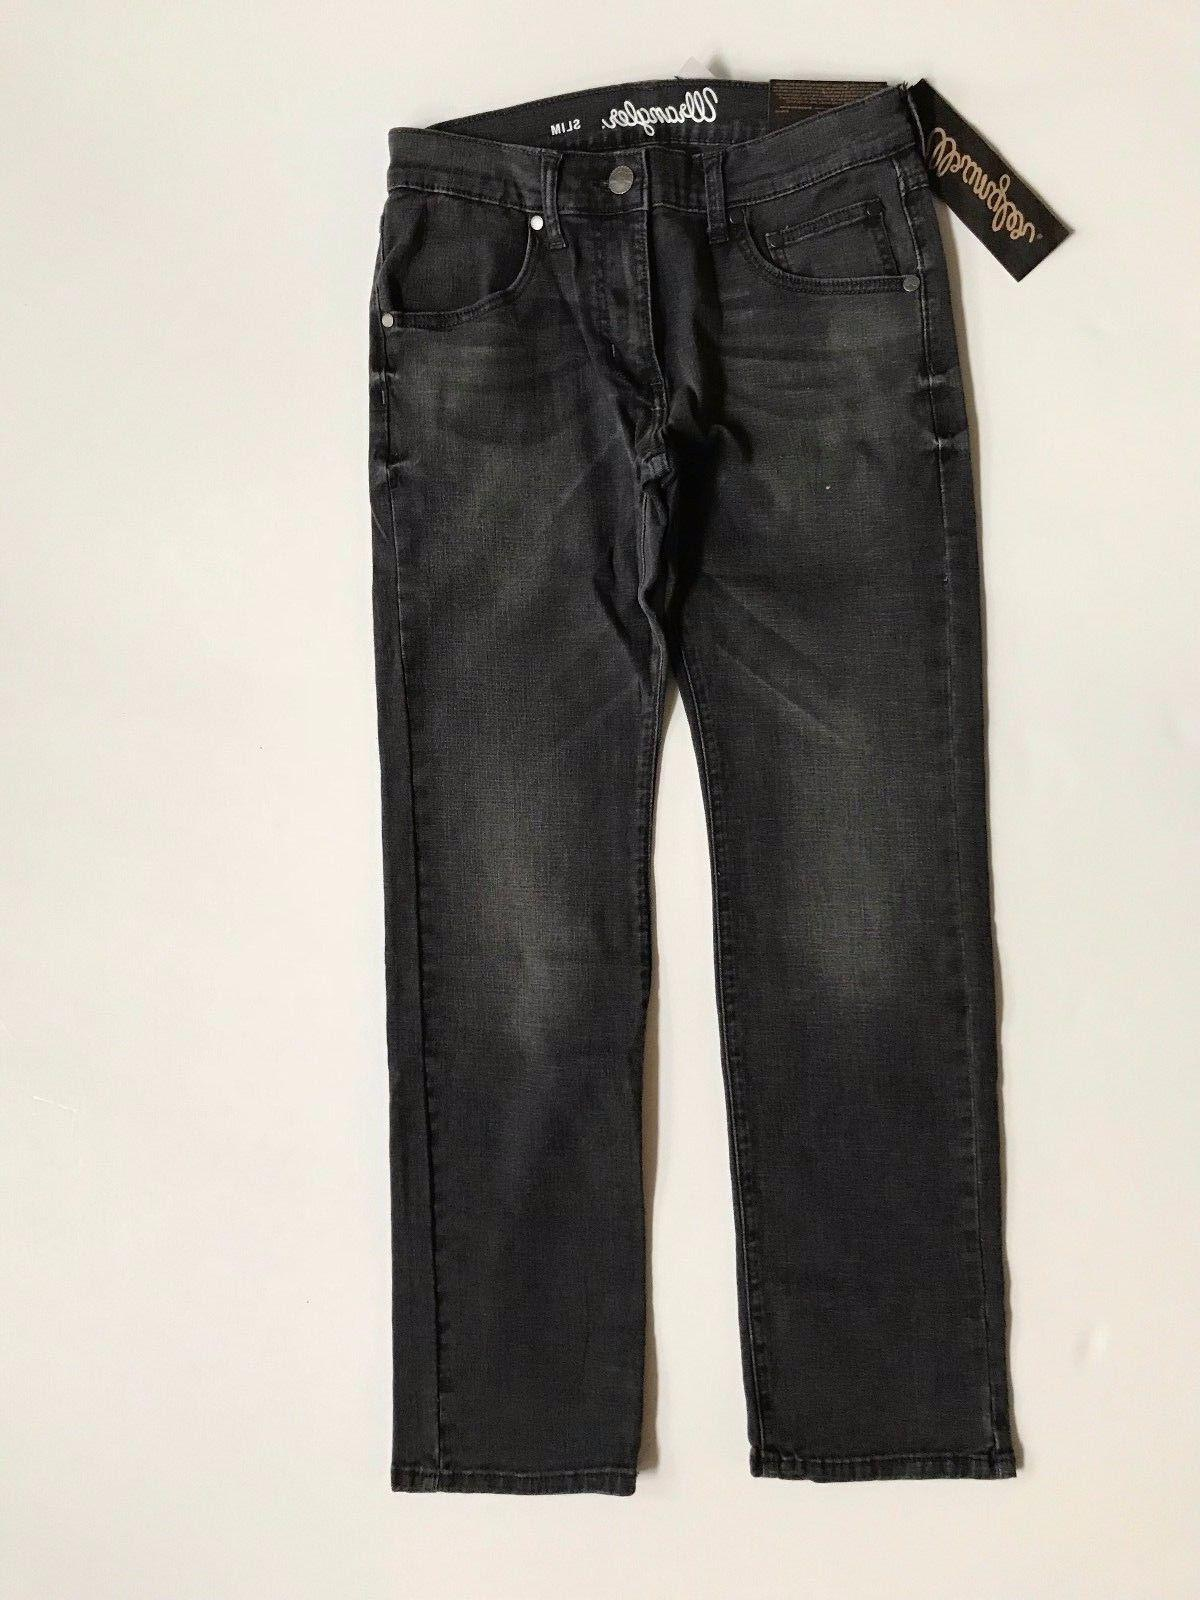 NWT Wrangler Slim Fit Denim Jeans Size 87MW